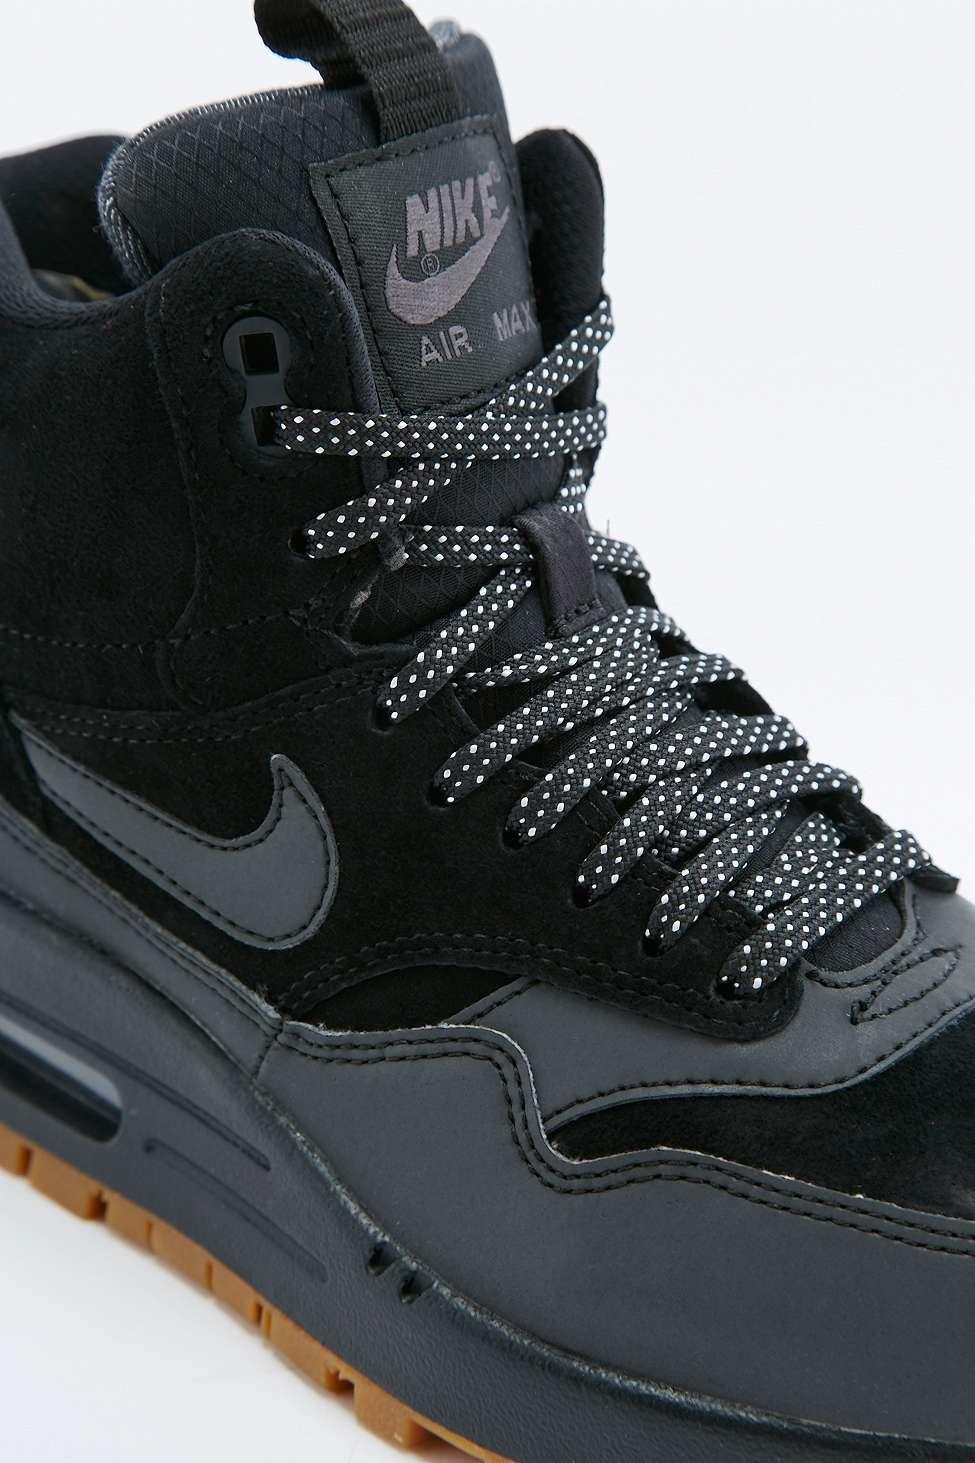 fc9e1d1cdc4 In Noir Homme Max Air Trainer 1 Boots For Rf6xaw5qr Lyst Nike 4nIETxp5n